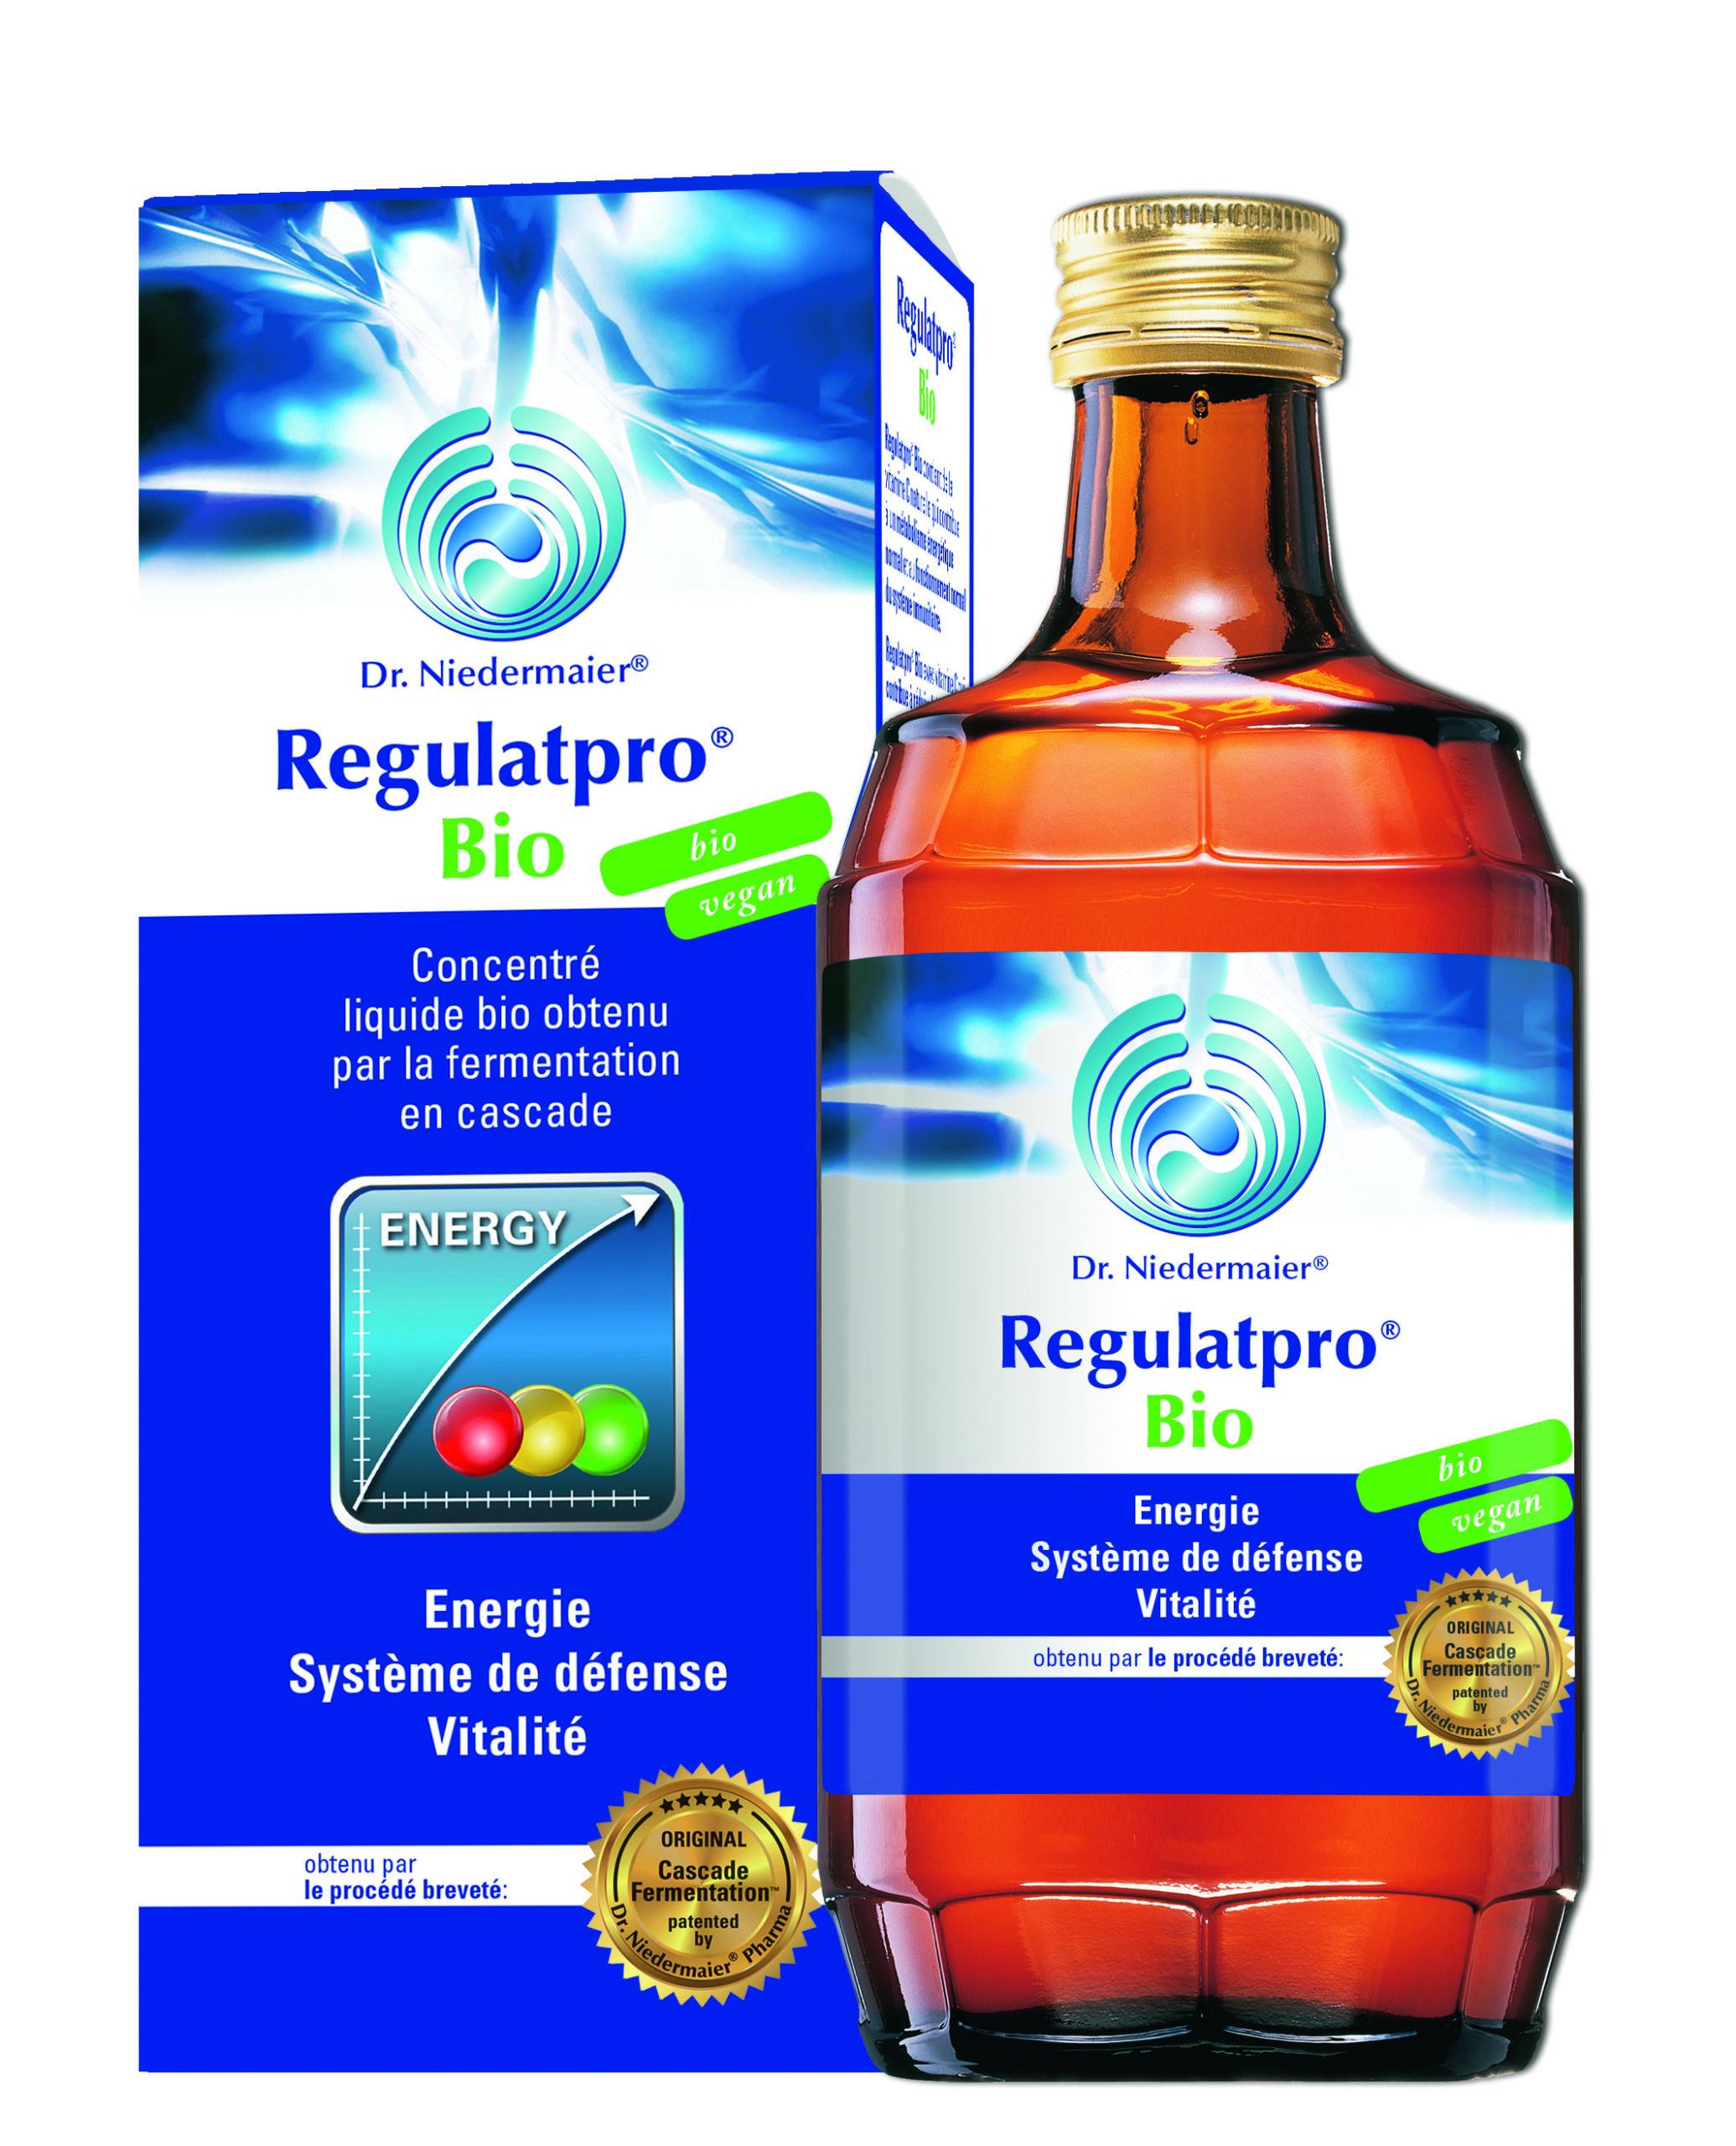 Regulatpro-Bio